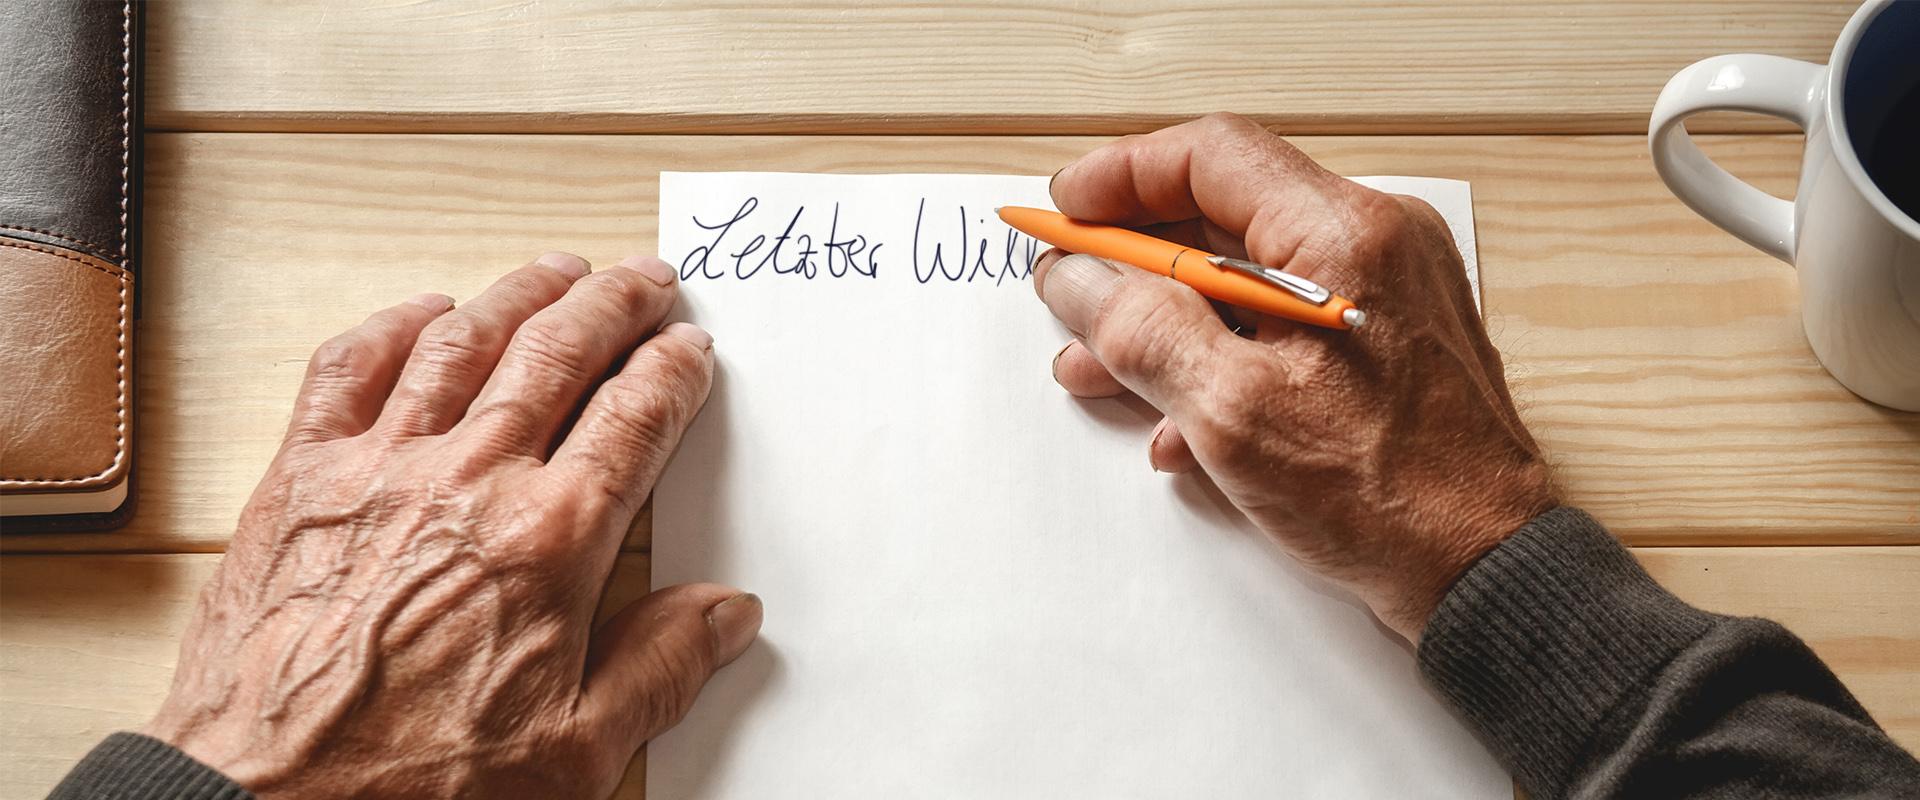 """Alte Hand schreibt auf Papier """"Letzter Wille"""""""